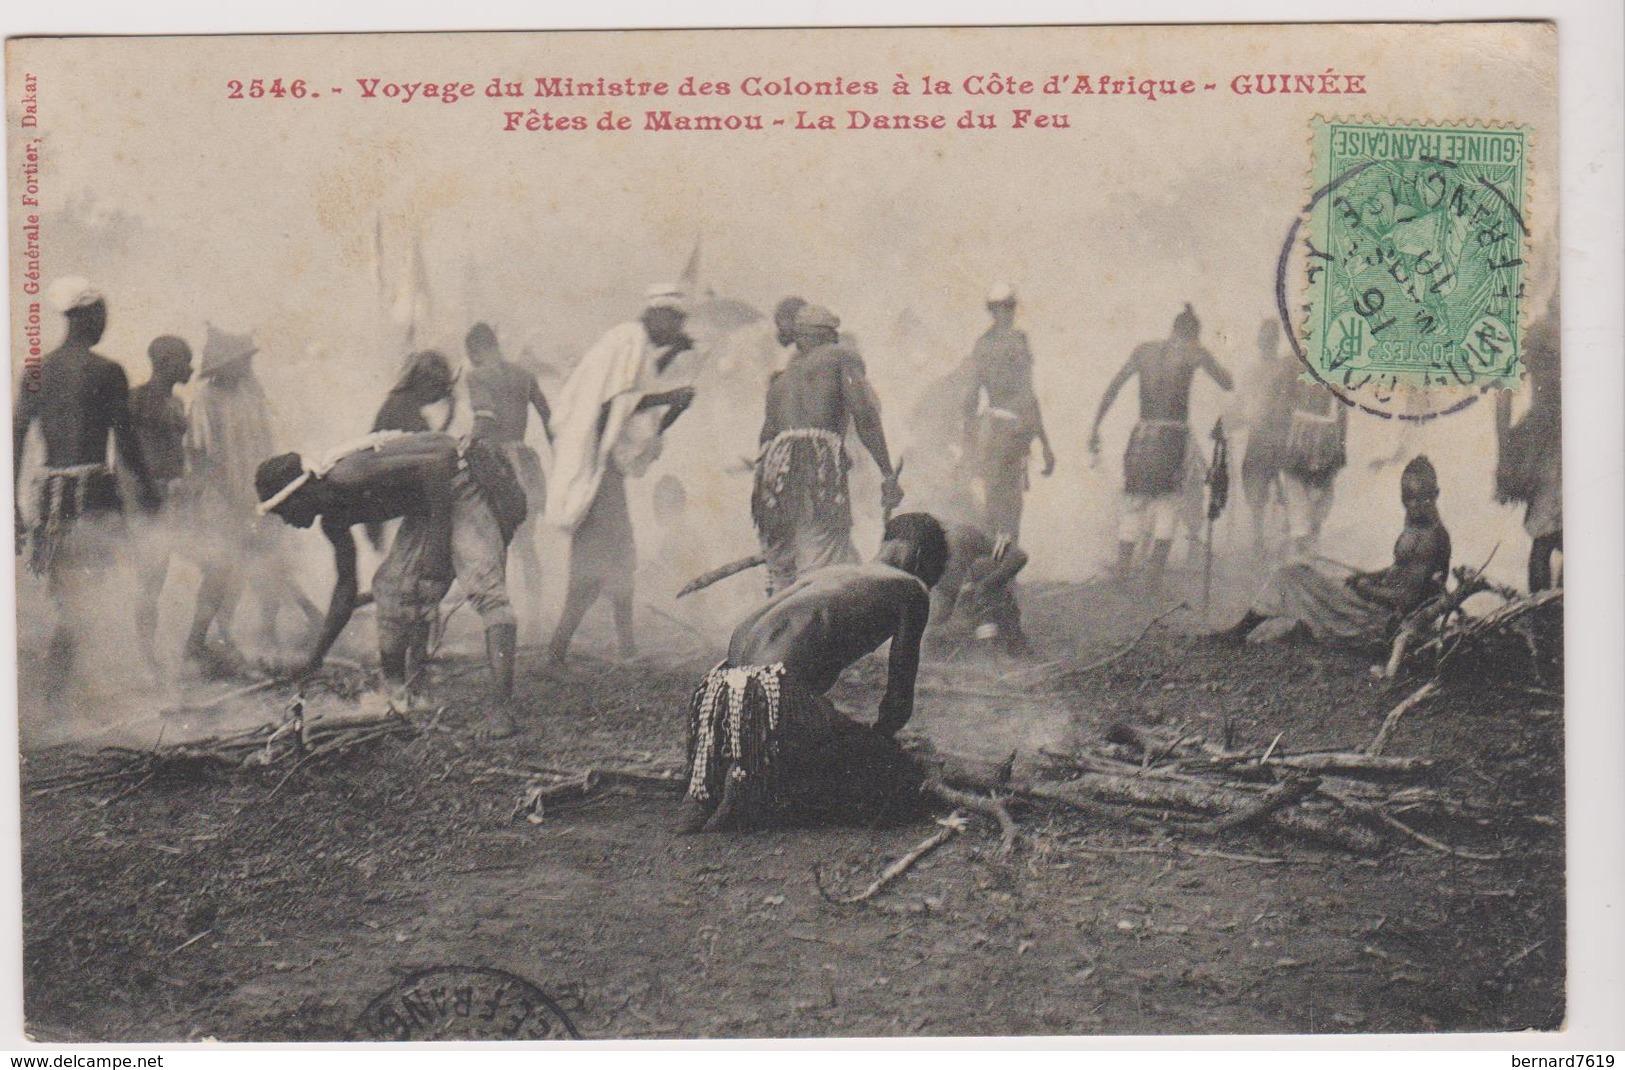 Haute Guinee Voyage  Du Ministre Des Colonies A La Cote D'afrique Guinee  Fetes De Mamou La Danse Du Feu - French Guinea